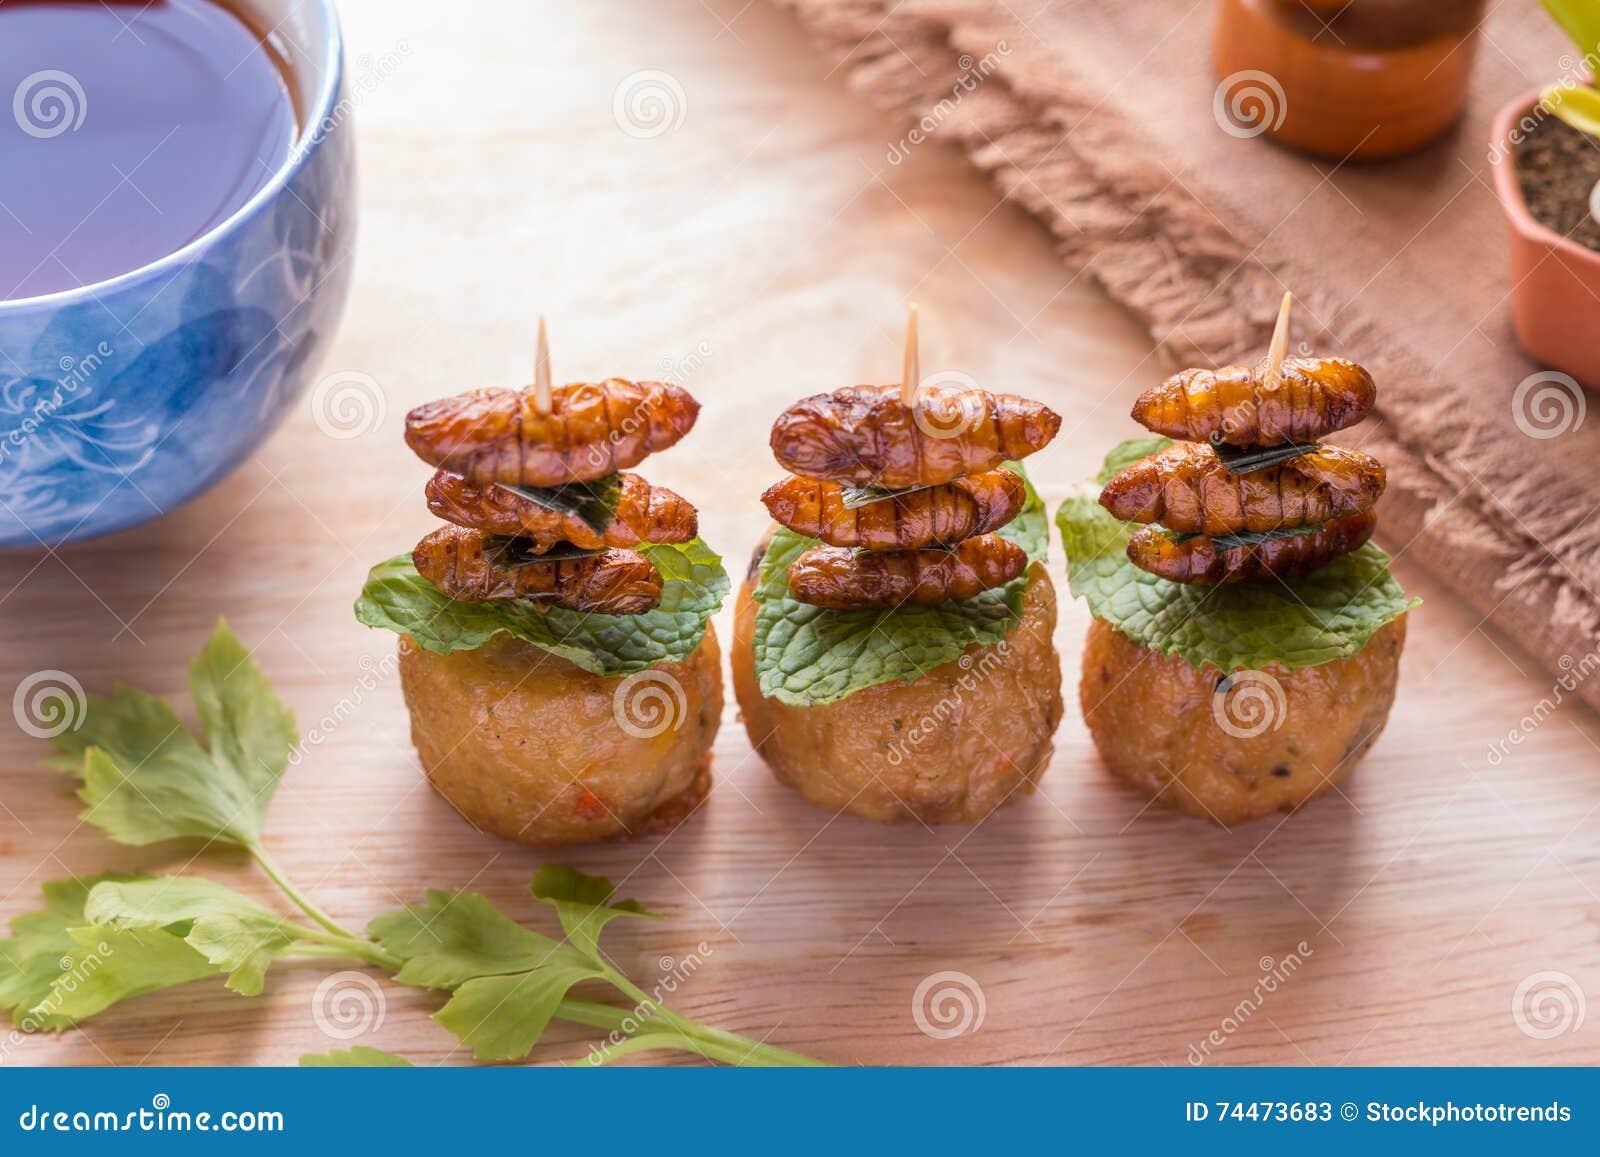 Τηγανισμένα έντομα - ξύλινο έντομο σκουληκιών τριζάτο με το ρόλο κοτόπουλου κατόπιν